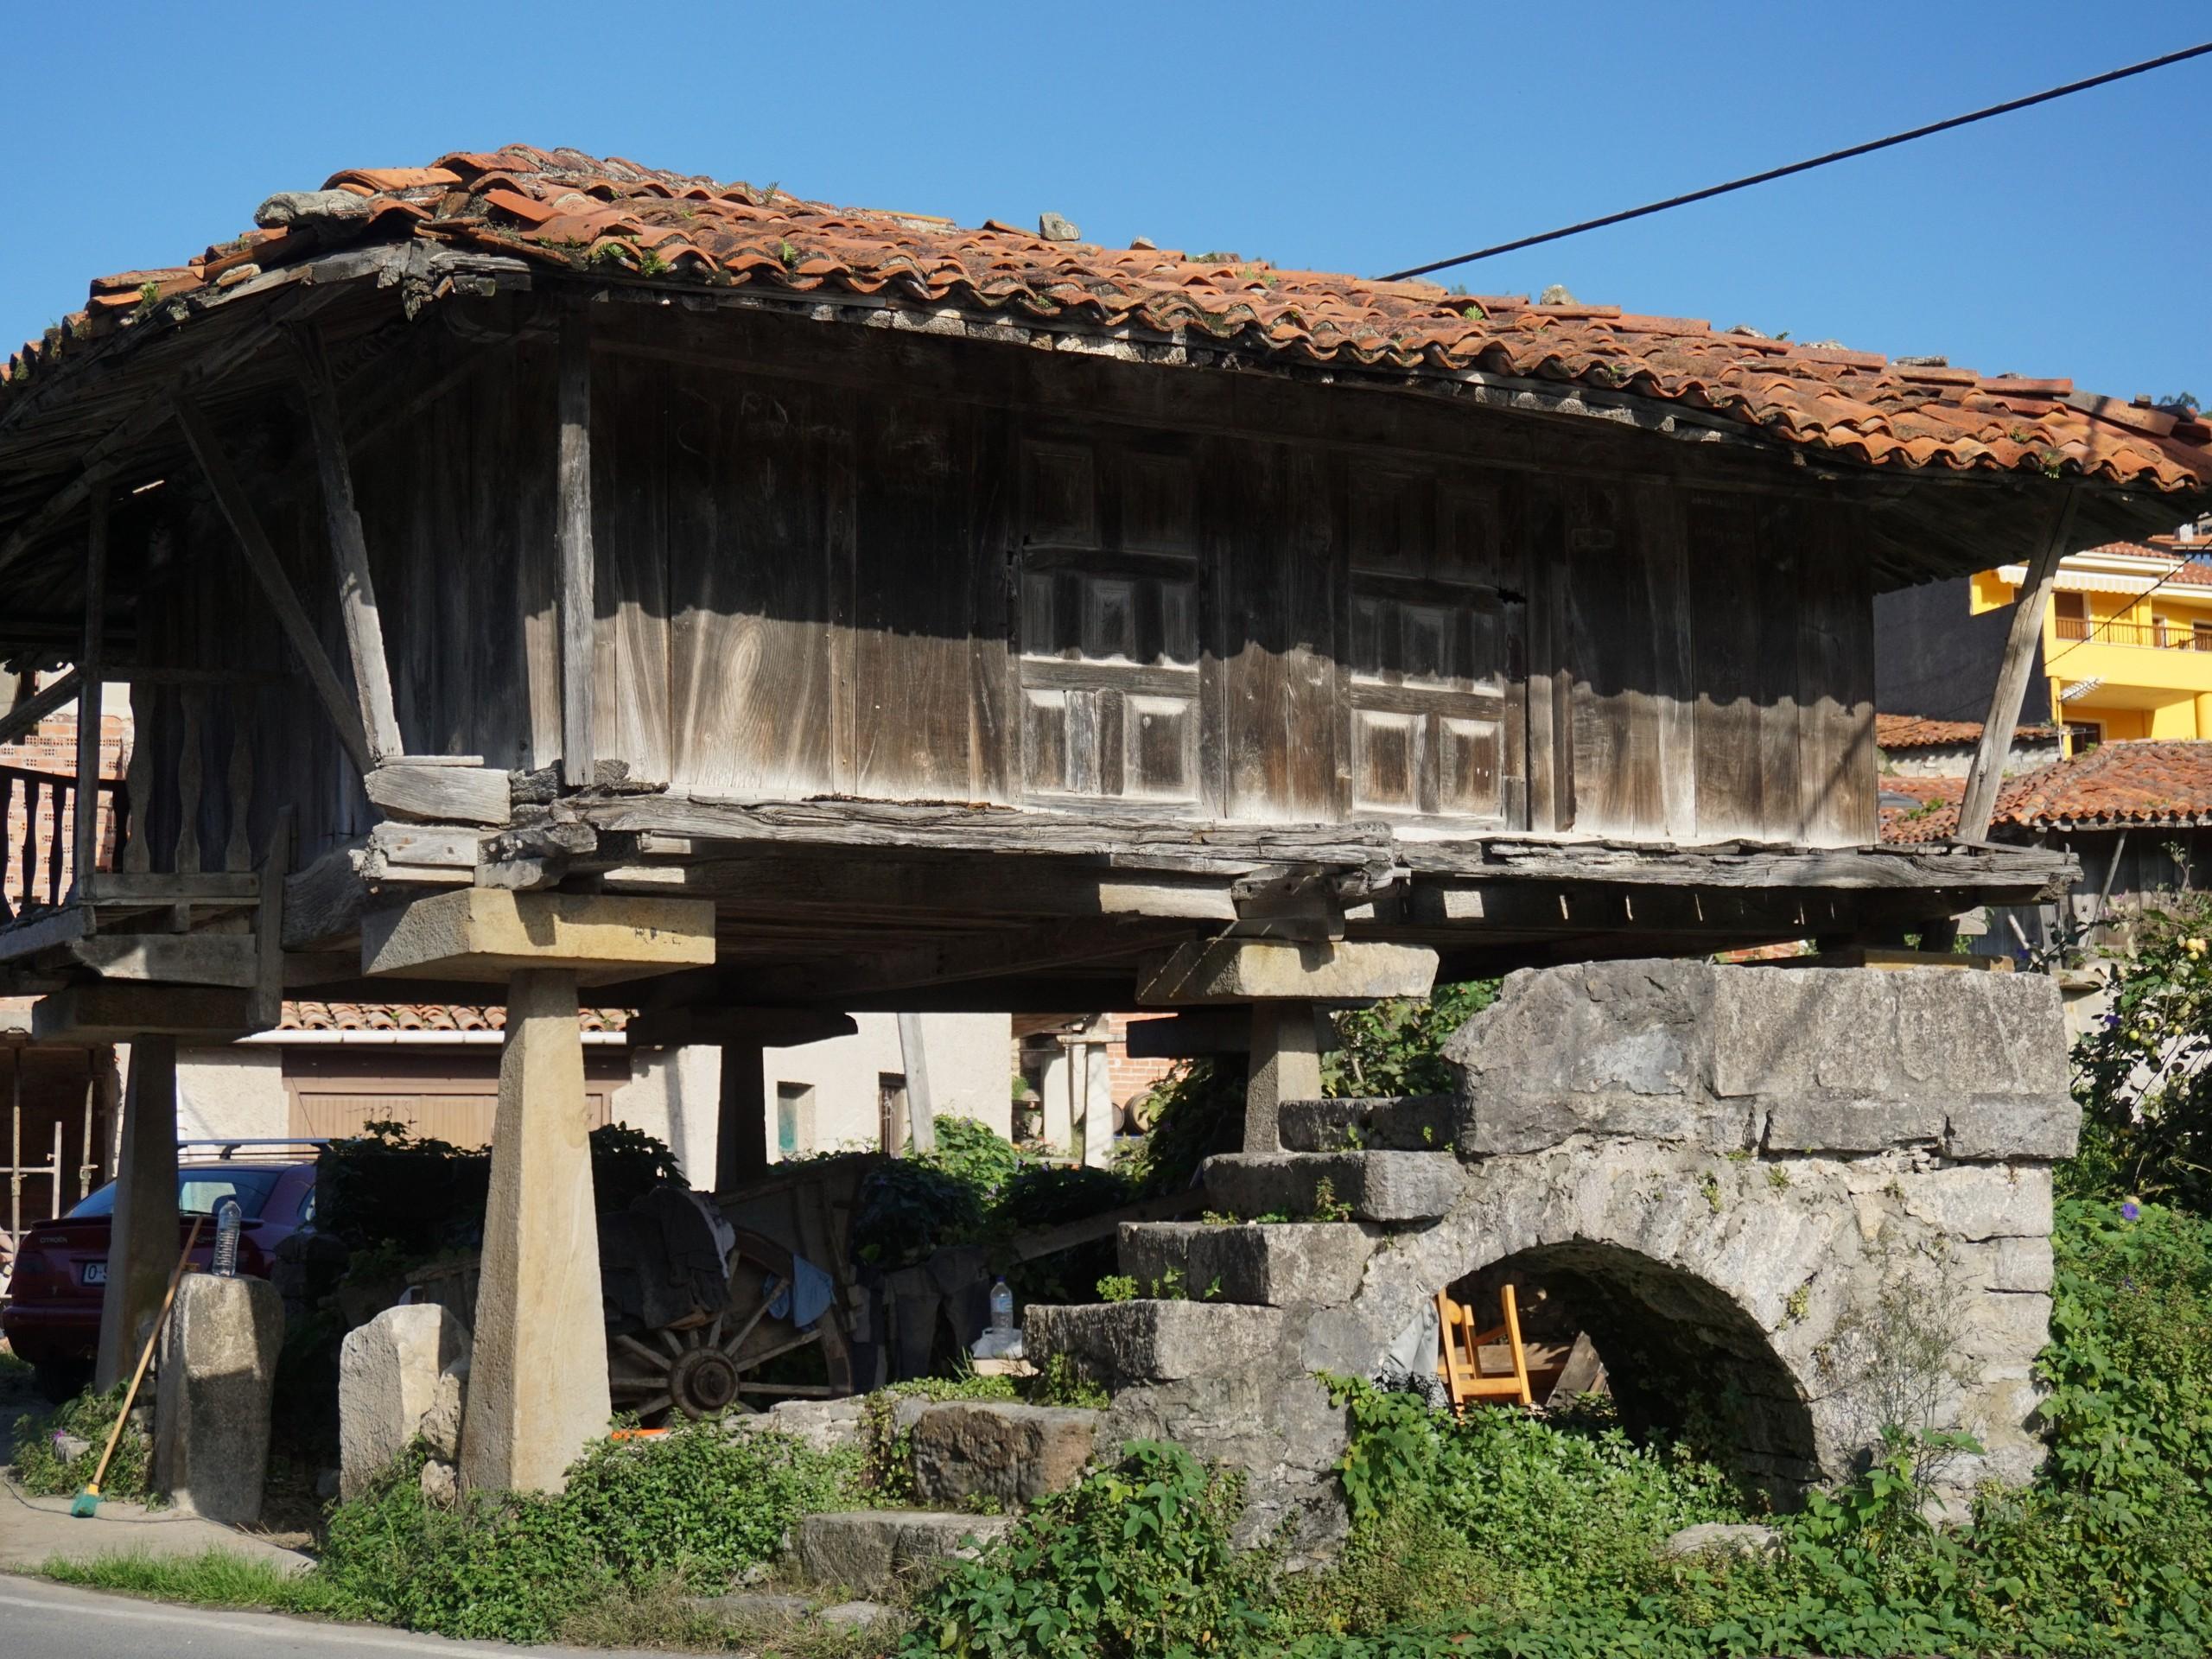 Old buildings at Asturias